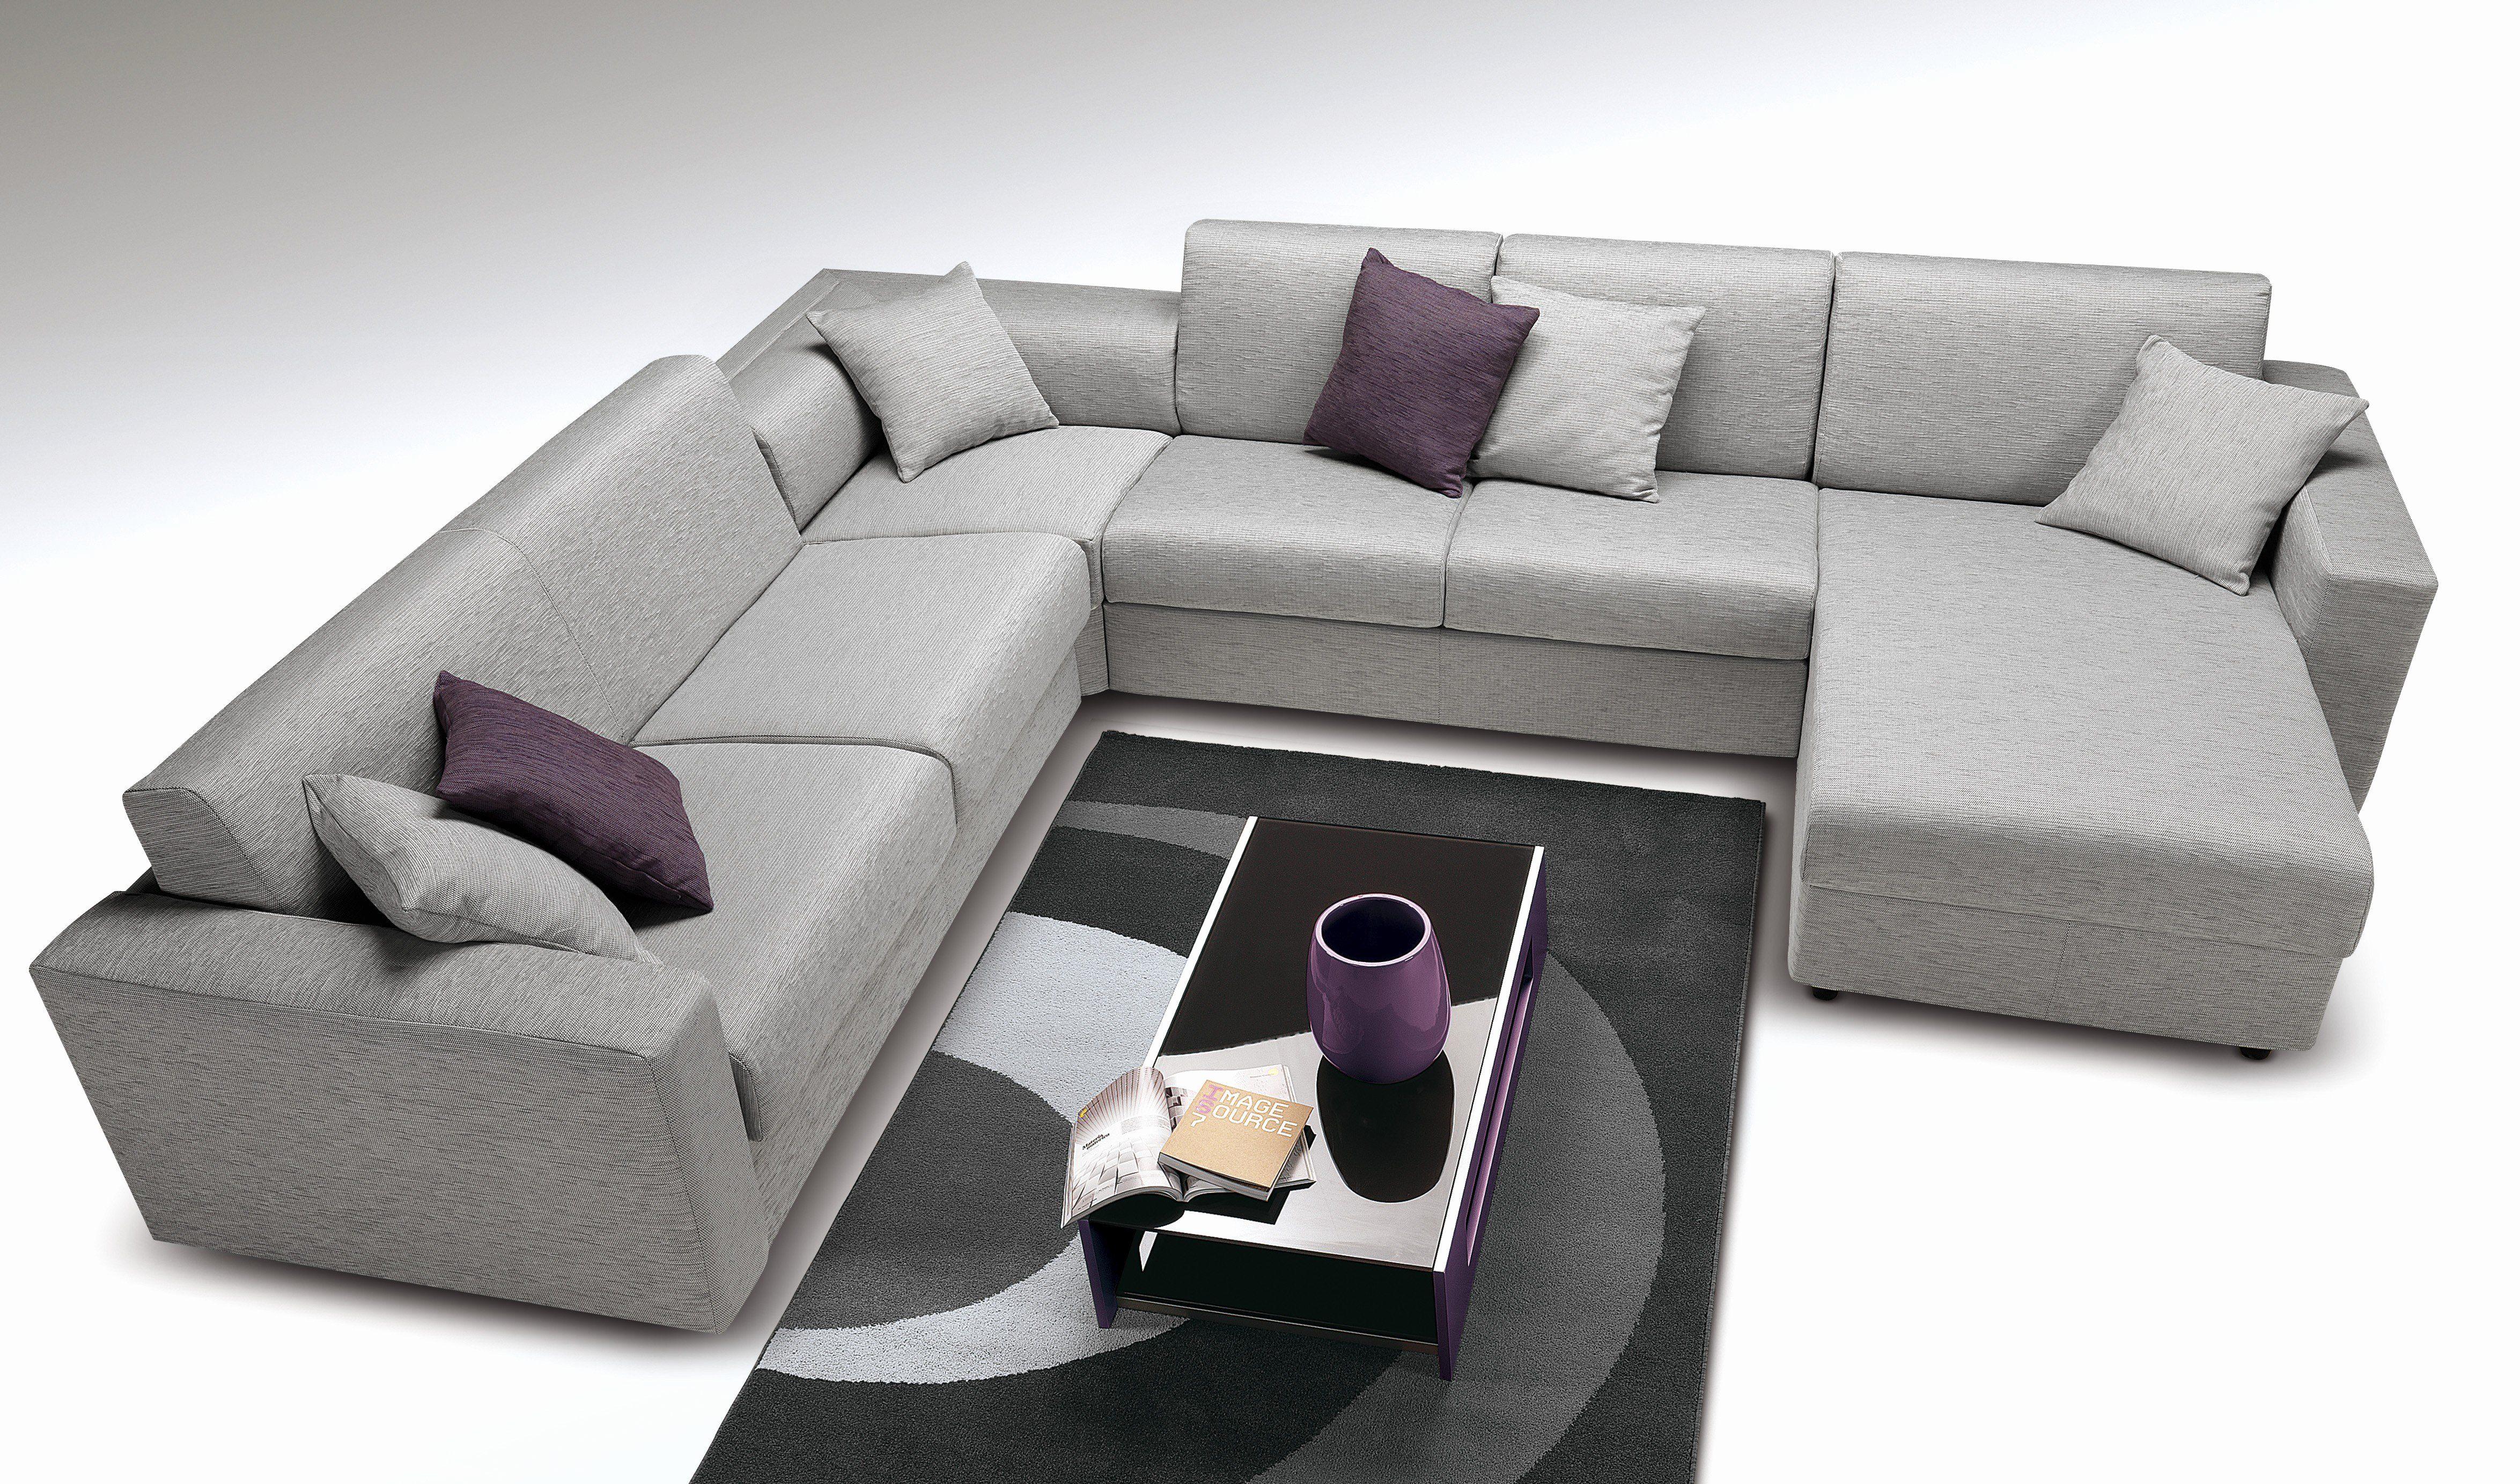 Canapé Lit 160×200 Luxe Matelas Pour Canapé Convertible 160—200 Derniers Mod¨les Canapé